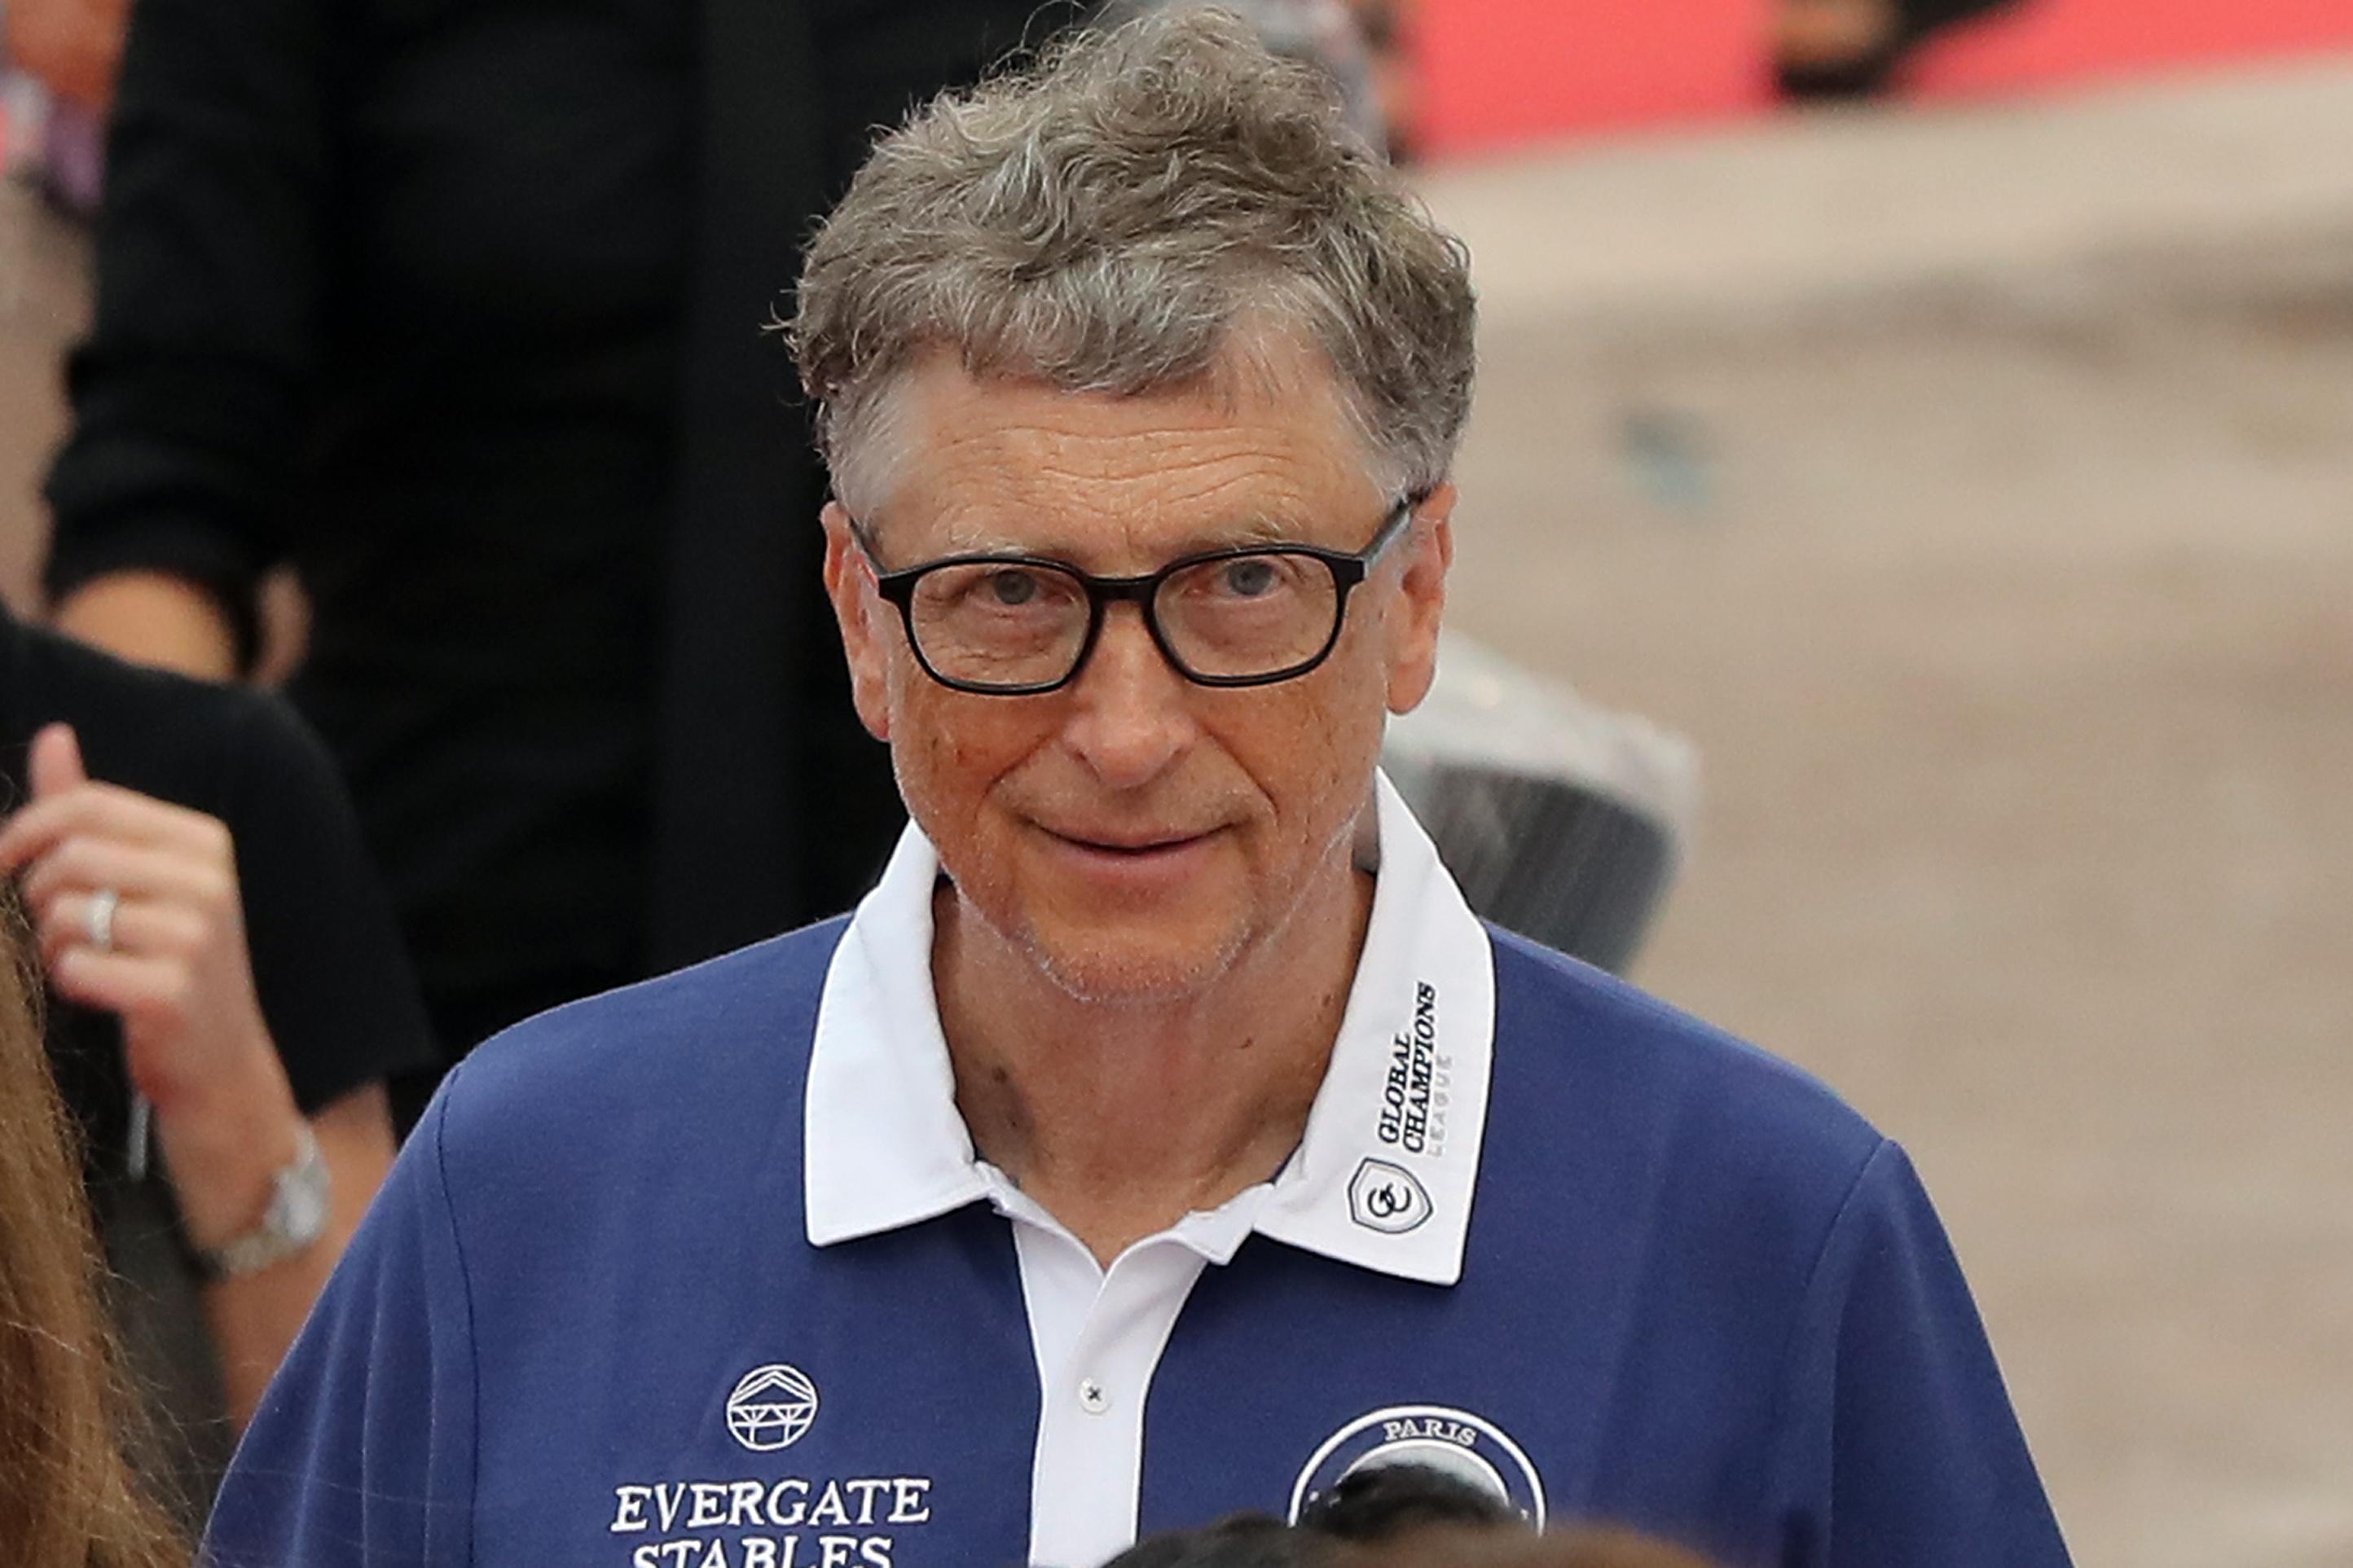 Egyszerű otthoni koronavírus-tesztet fejlesztettek ki Bill Gates alapítványának segítségével